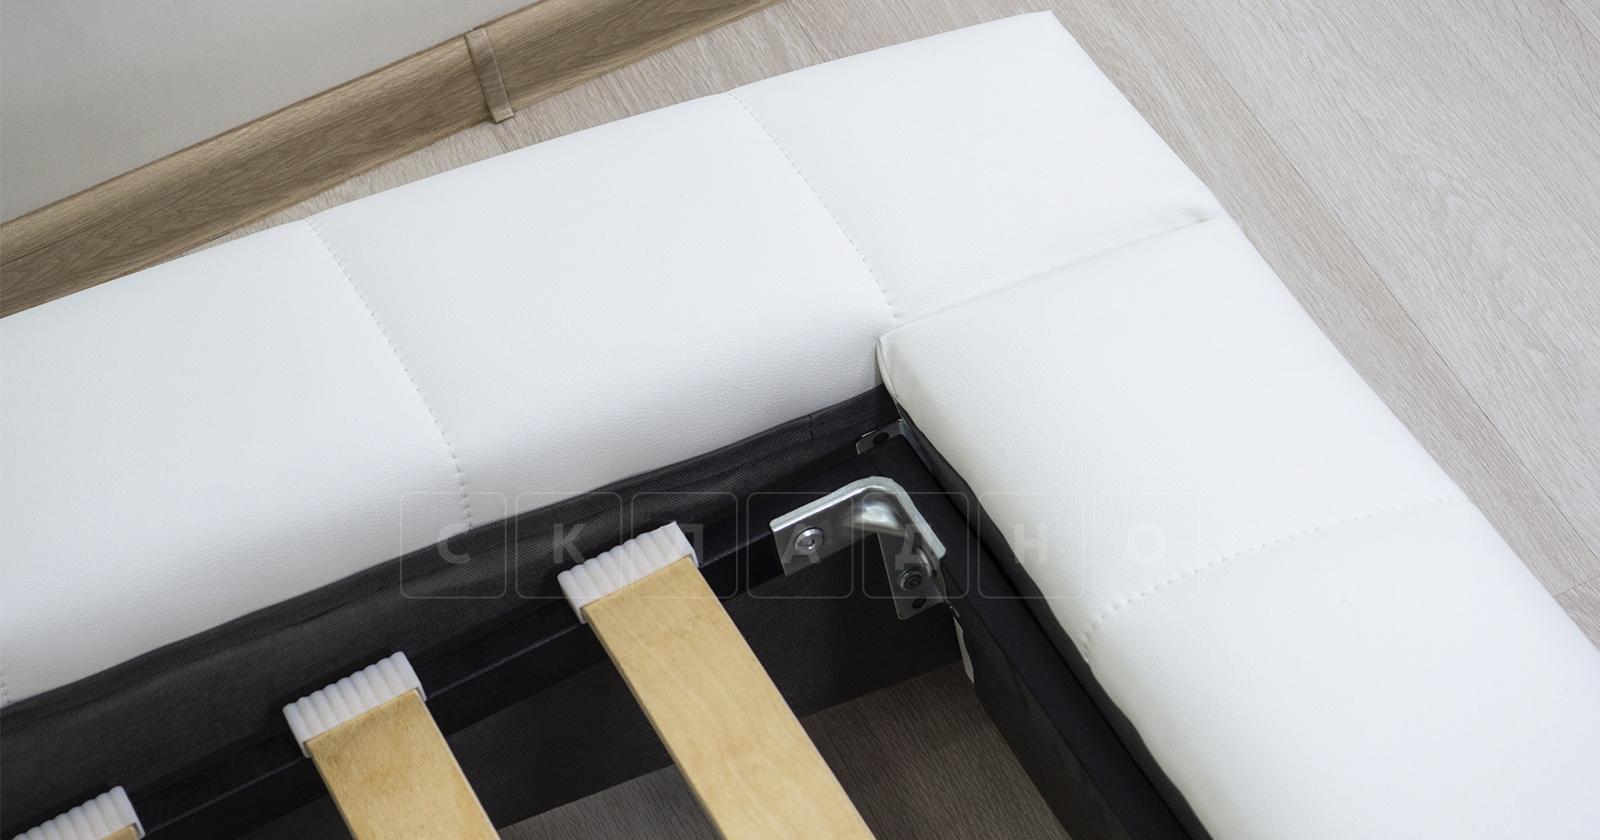 Мягкая кровать Оливия 160 см экокожа белый фото 17 | интернет-магазин Складно